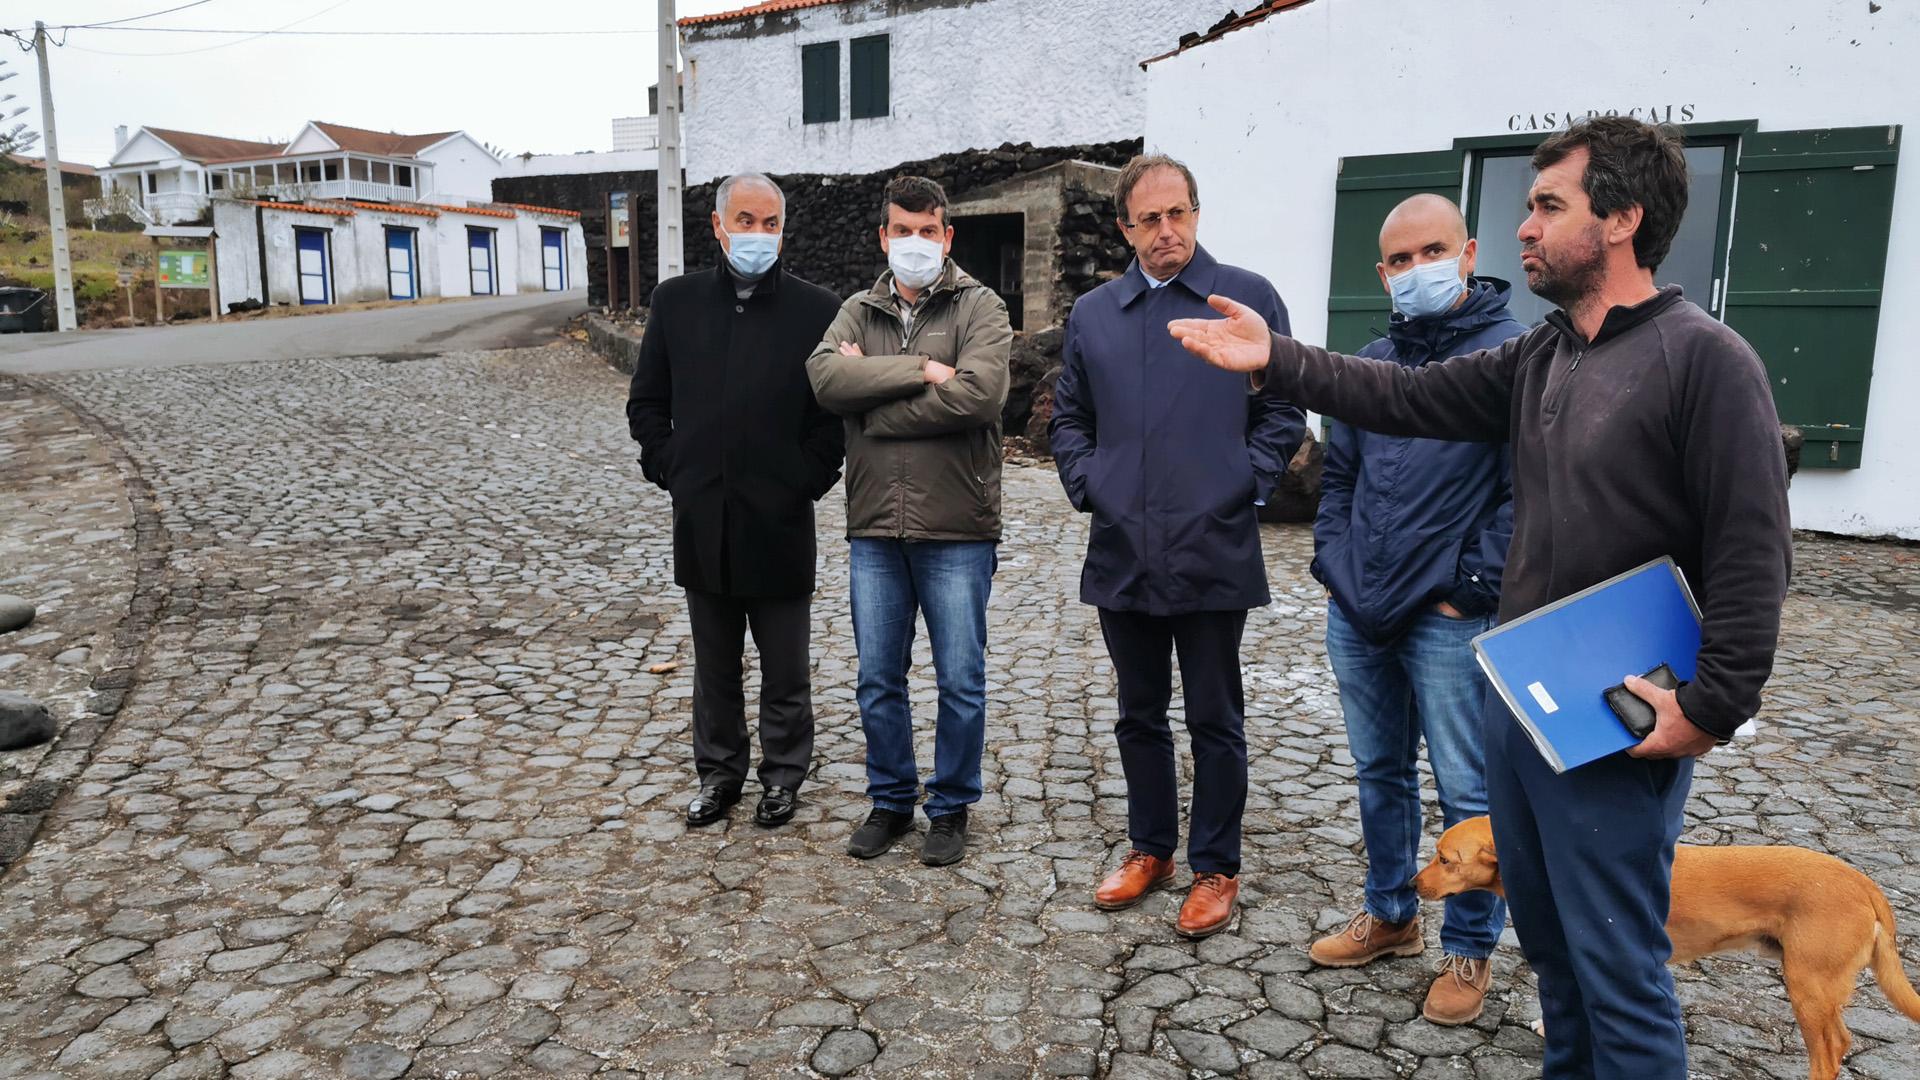 Visita obras em curso de recuperação dos prejuízos causados pelo furacão Lorenzo